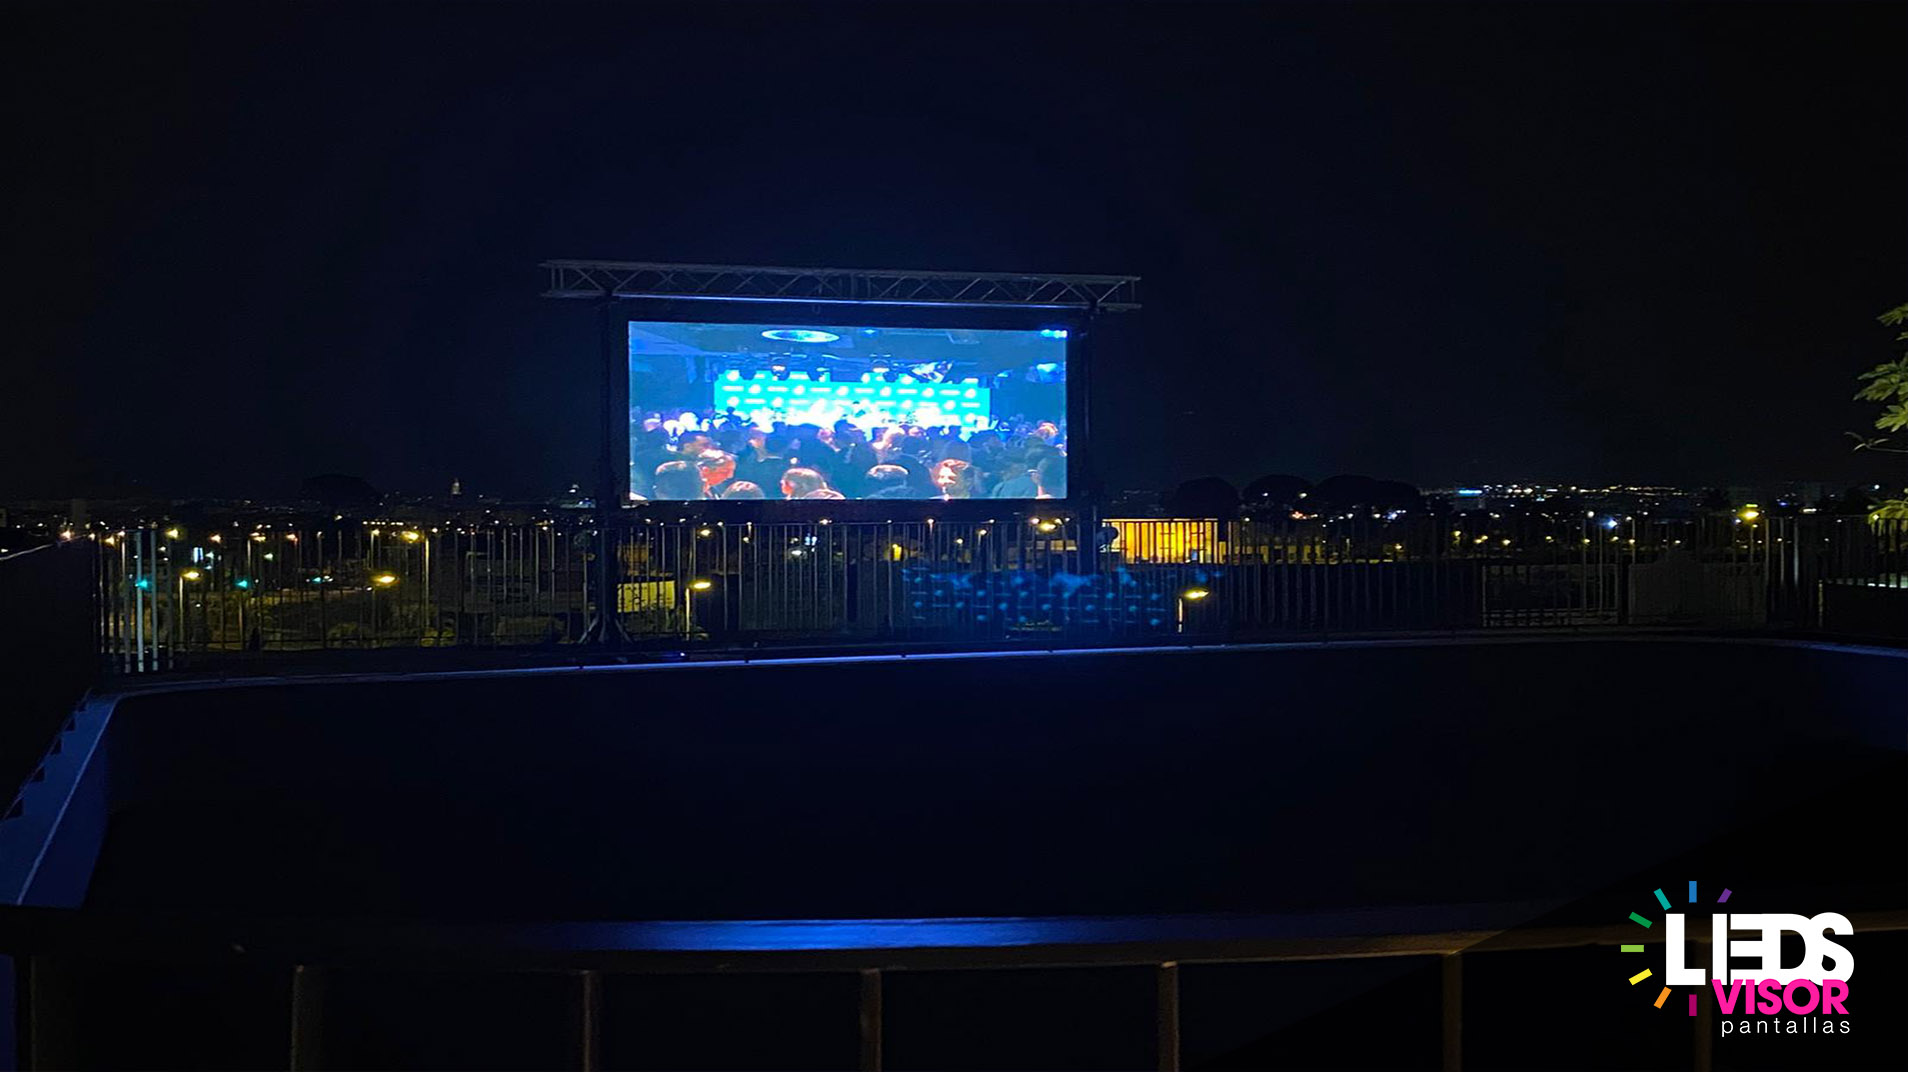 inauguracion centro ocio odisea ledsvisor pantallas leds alquiler